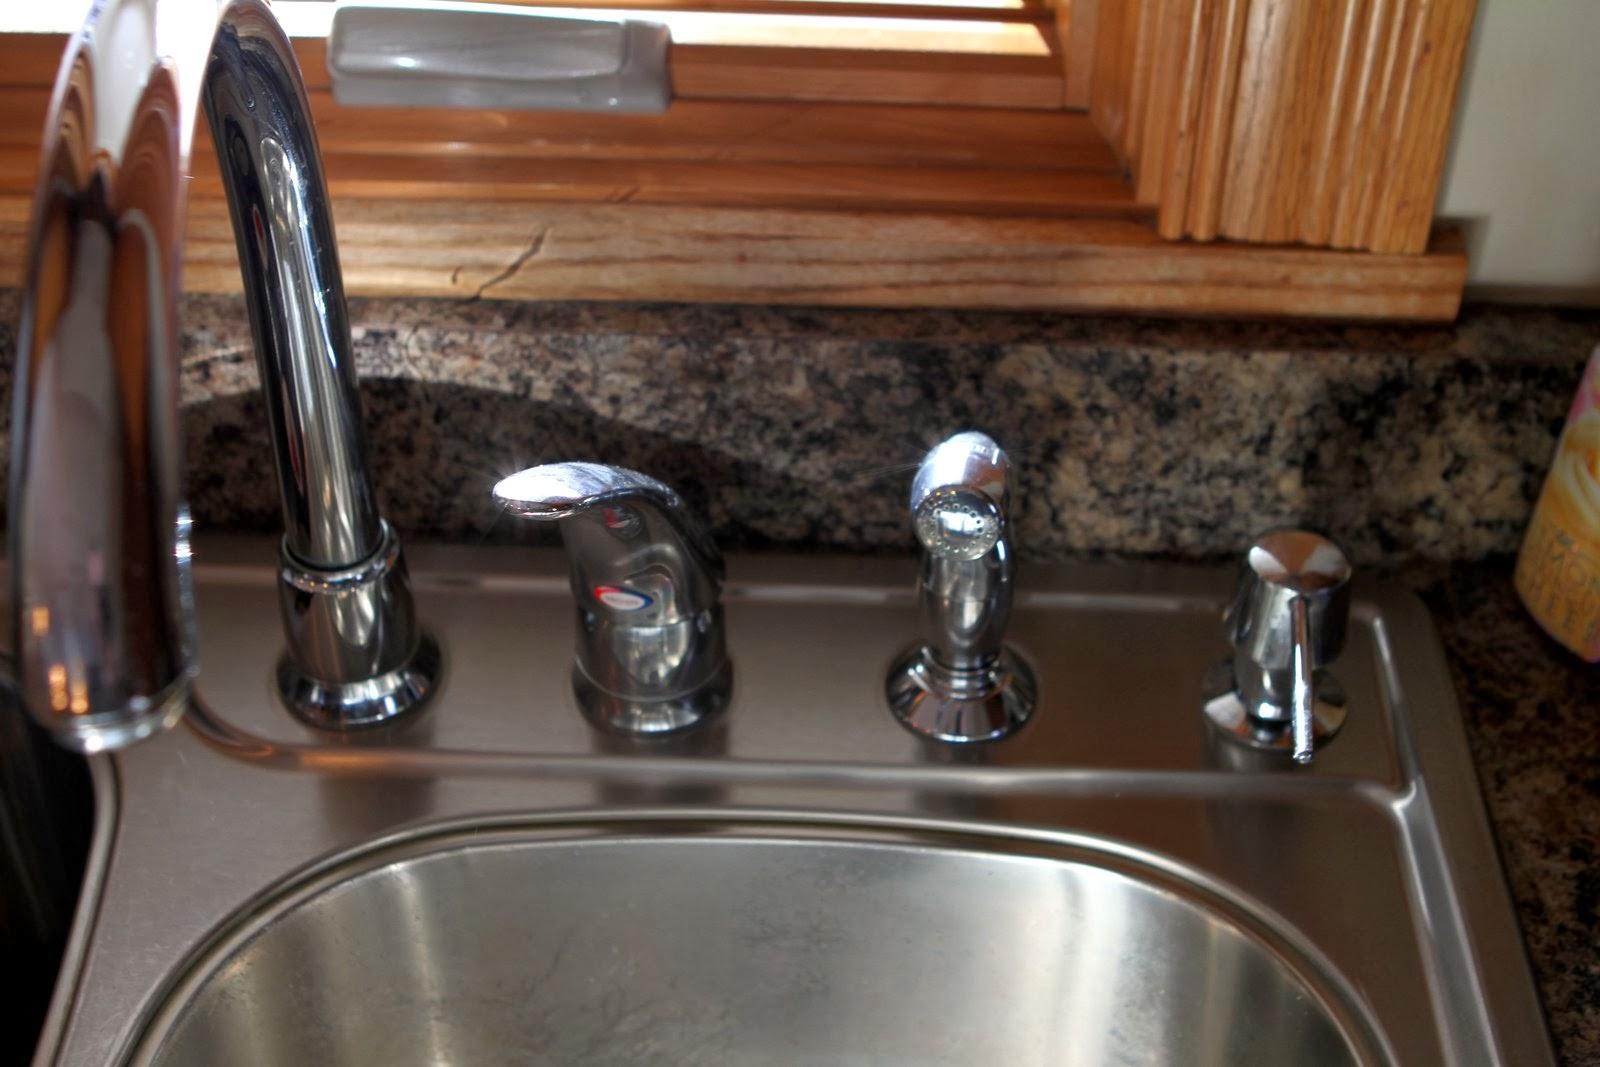 Moen Bath Faucets | Moen Faucet | Moen Caldwell Faucet